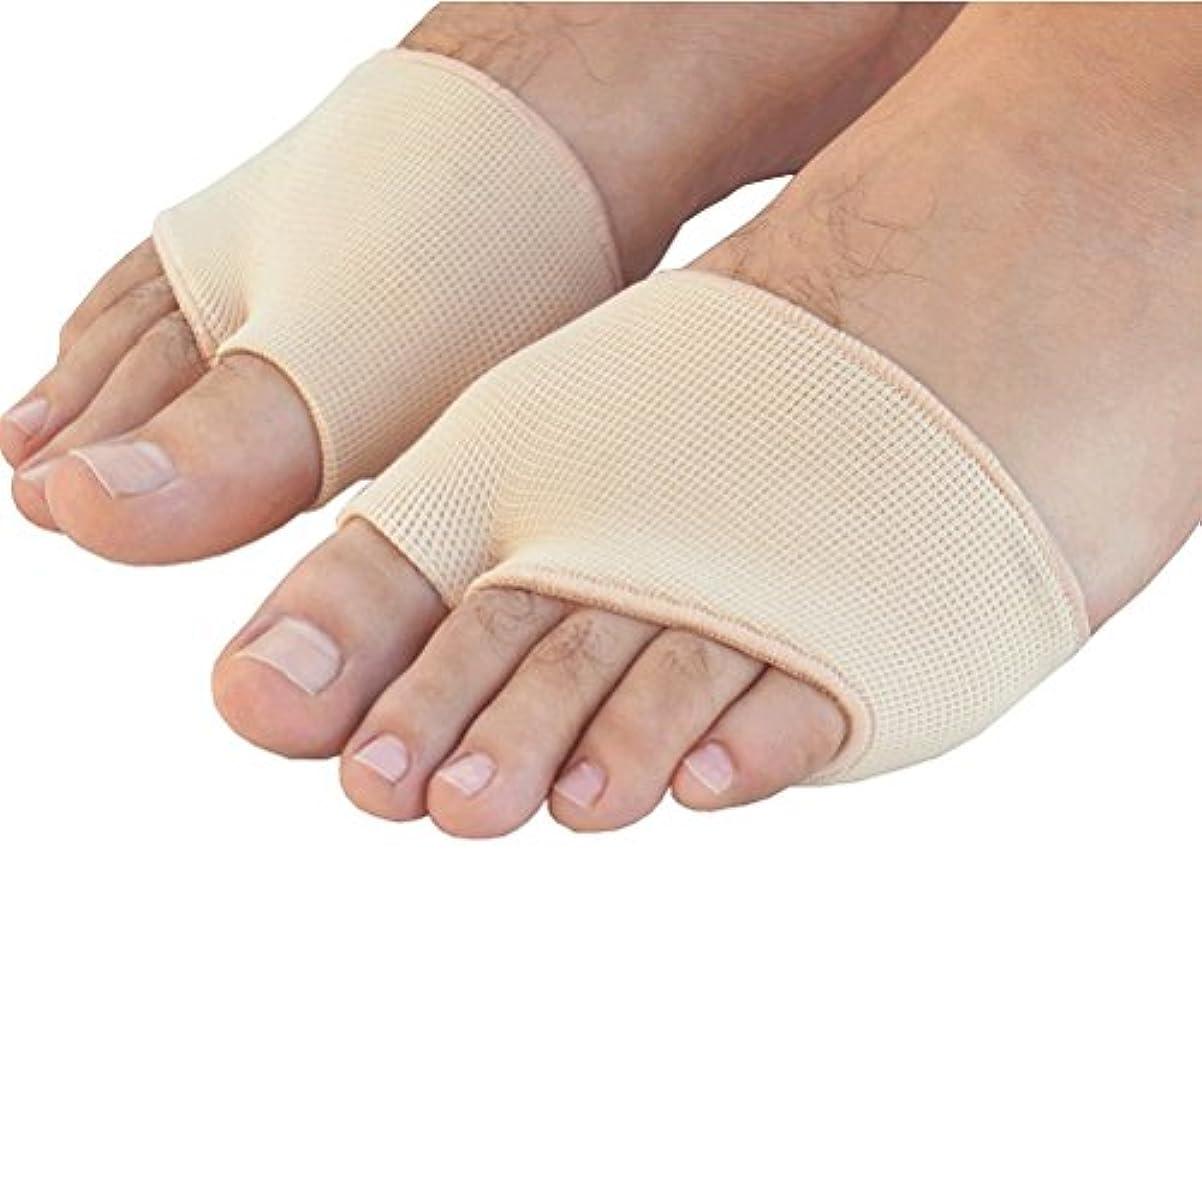 カバレッジ適性酸っぱいROSENICE ゲル前足中足骨の痛み救済吸収クッション パッド 足底筋膜炎インソール 衝撃吸収 サイズS(肌の色)